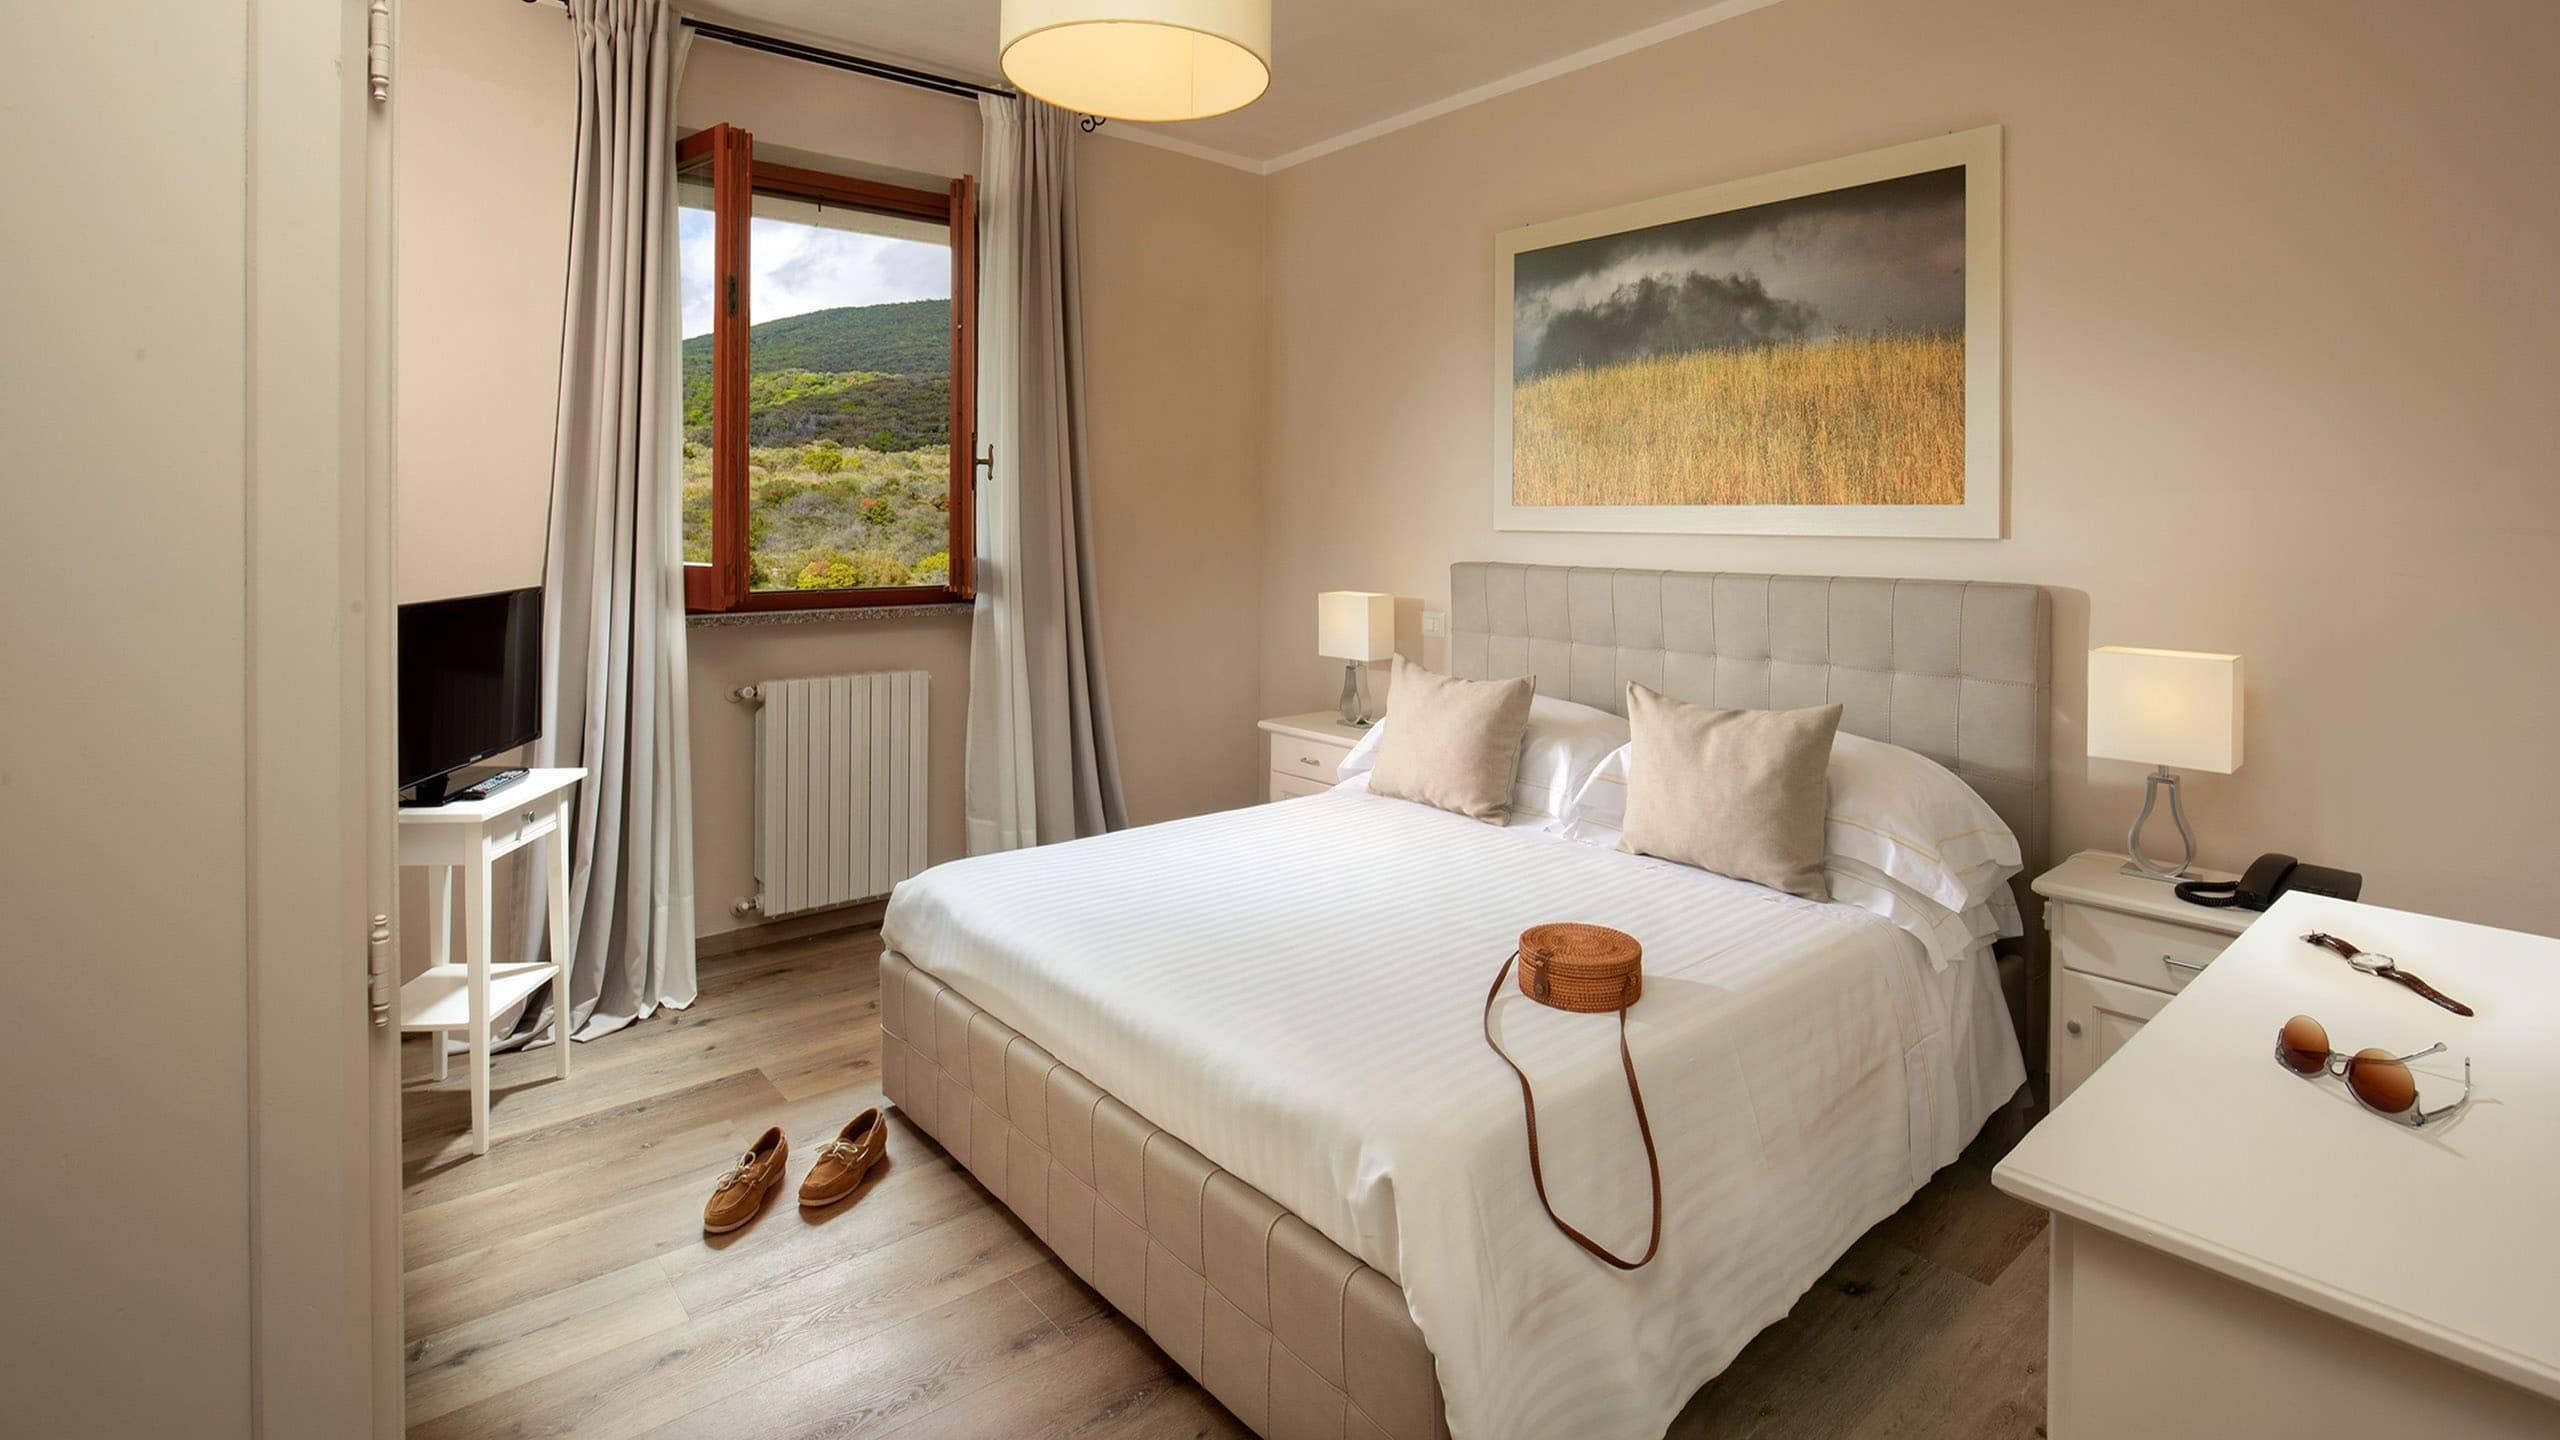 Hotel-Residence-Valle-del-Buttero-Capalbio-Camere-2021-Superior-Collina-letto-2